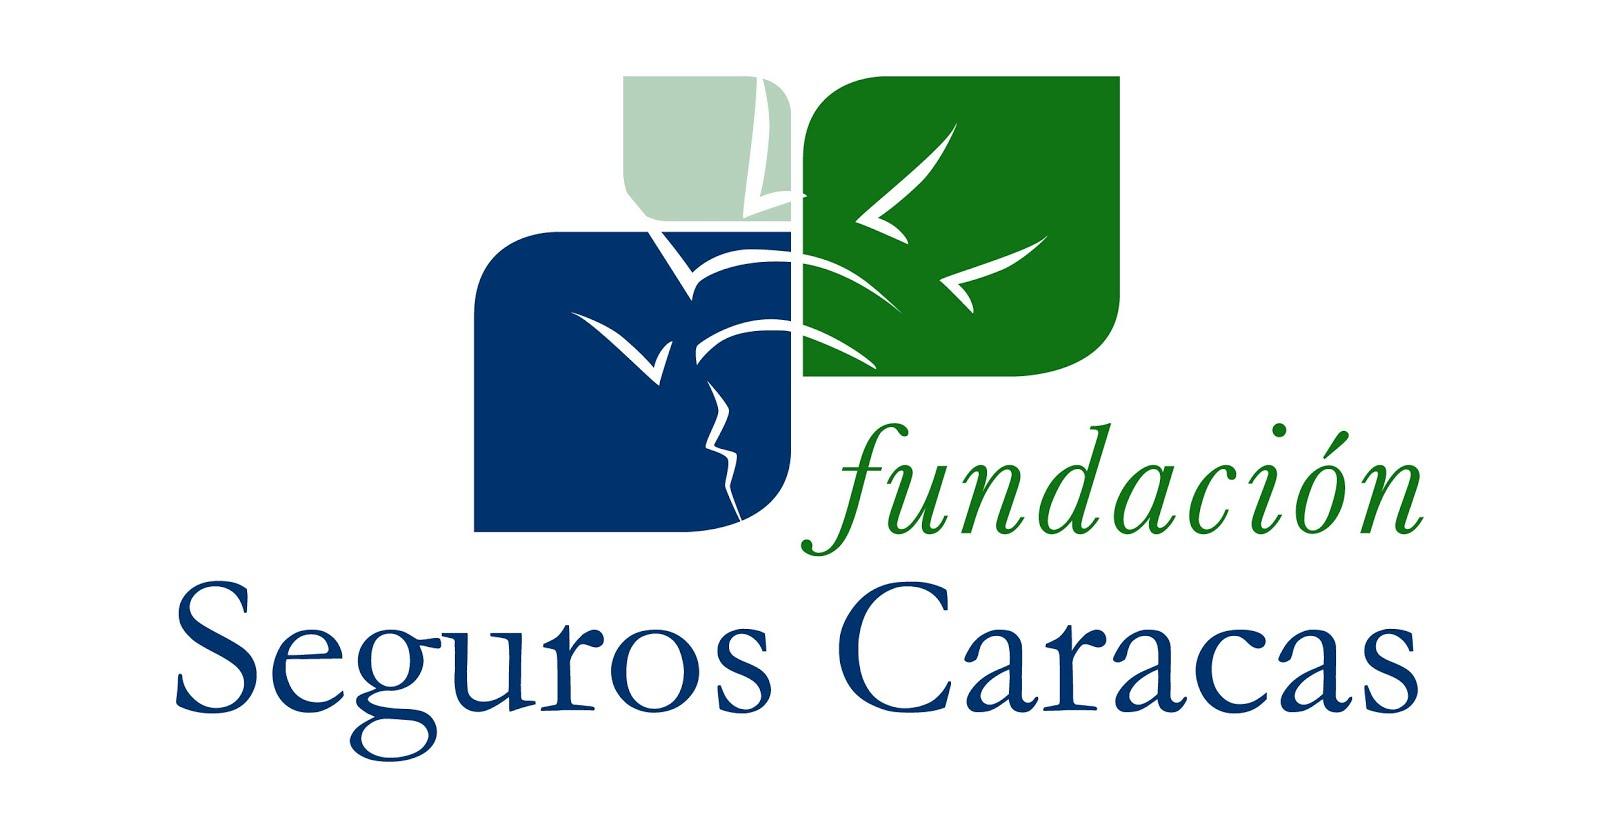 Fundación Seguros Caracas